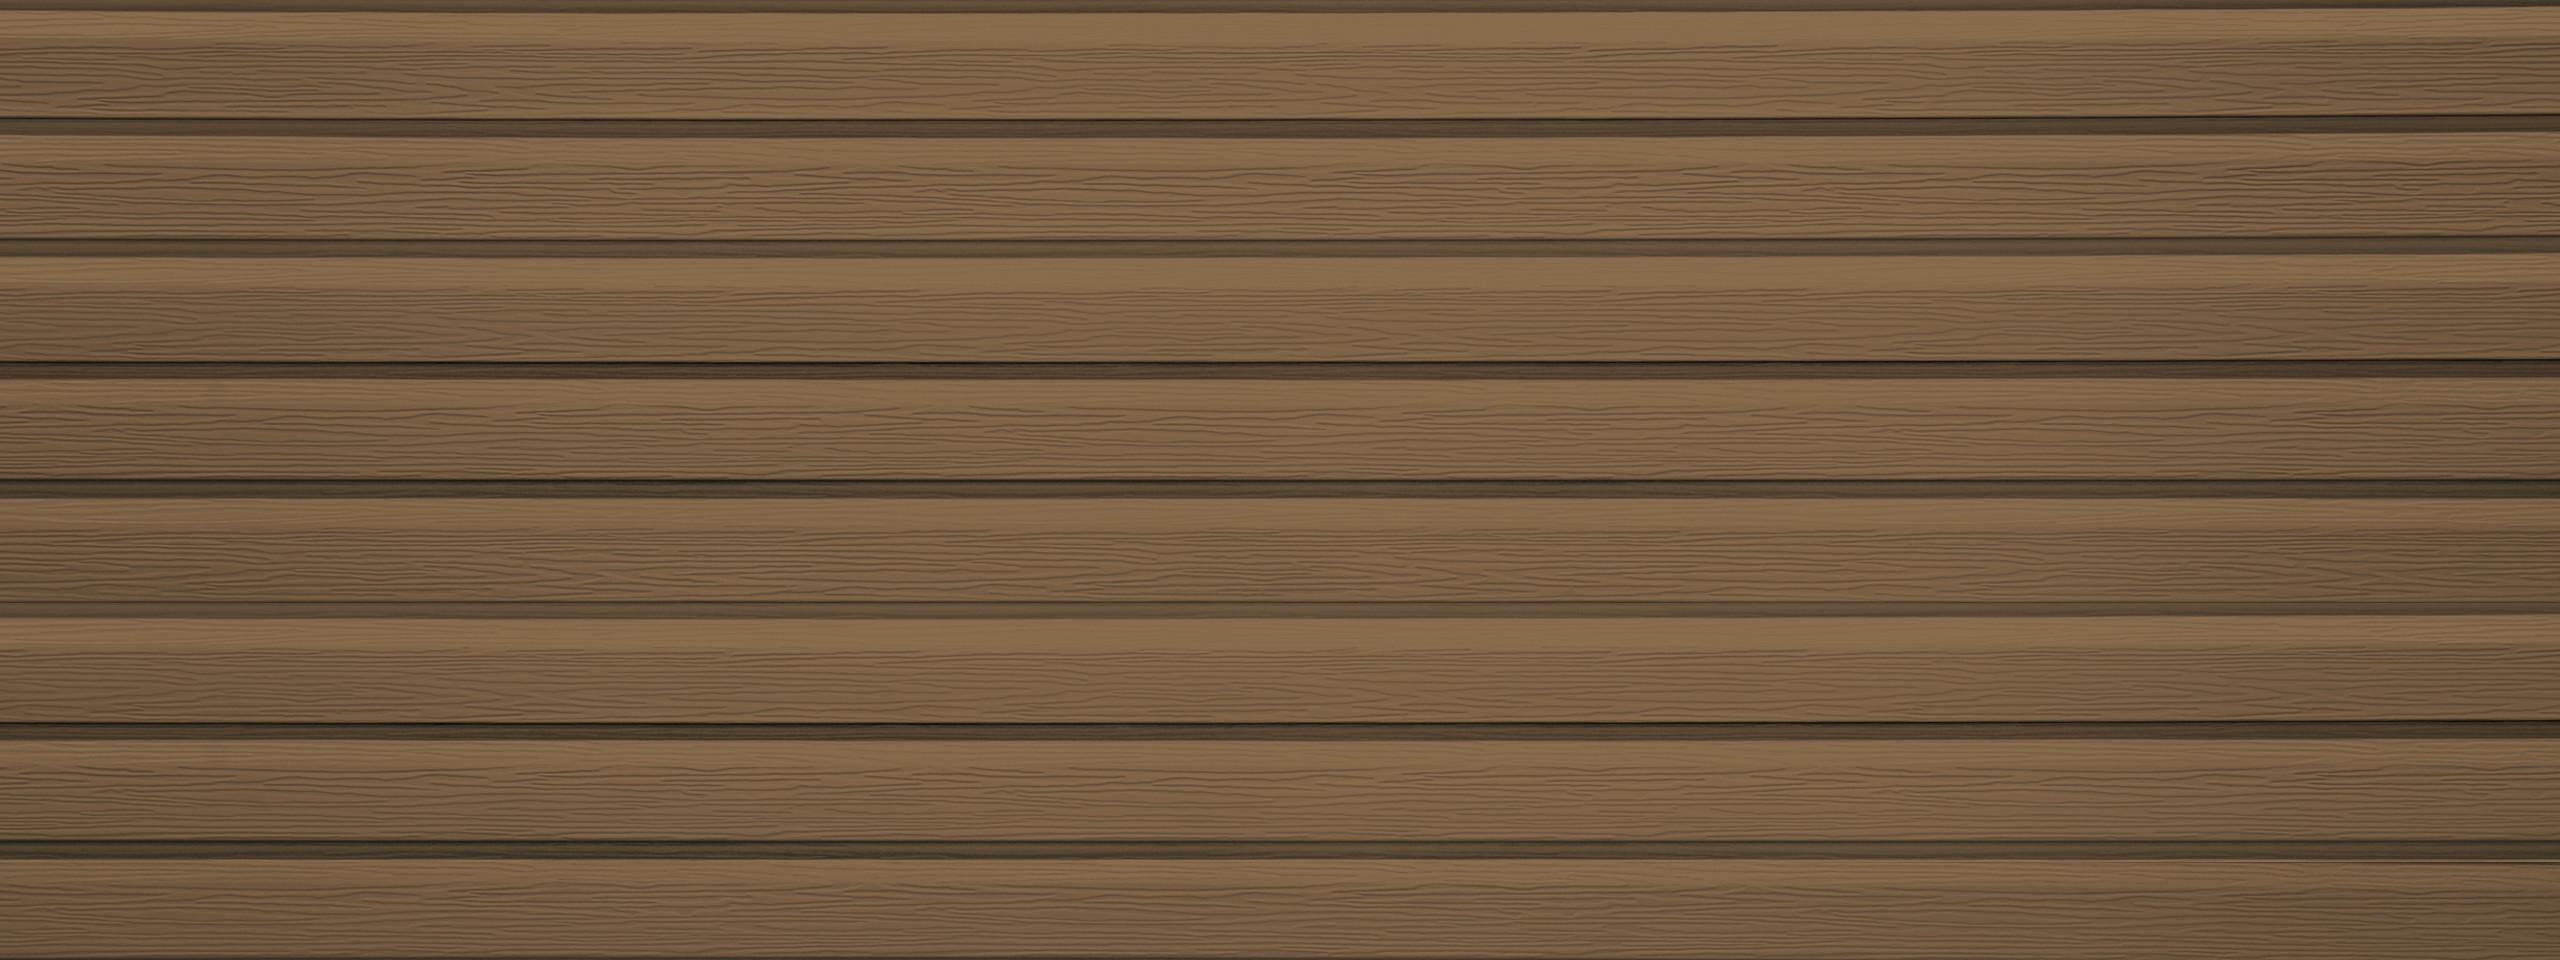 Entex dutchlap cedarwood steel siding